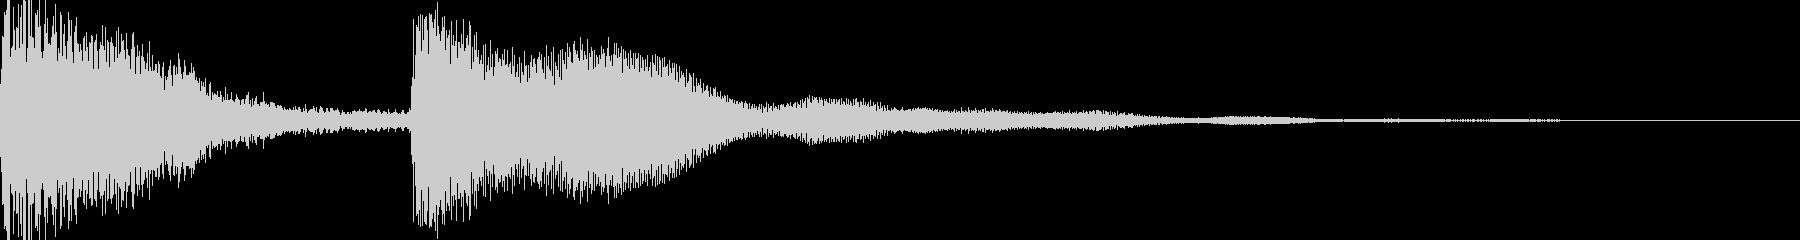 シンプルなジングル【ピアノ】その11ですの未再生の波形